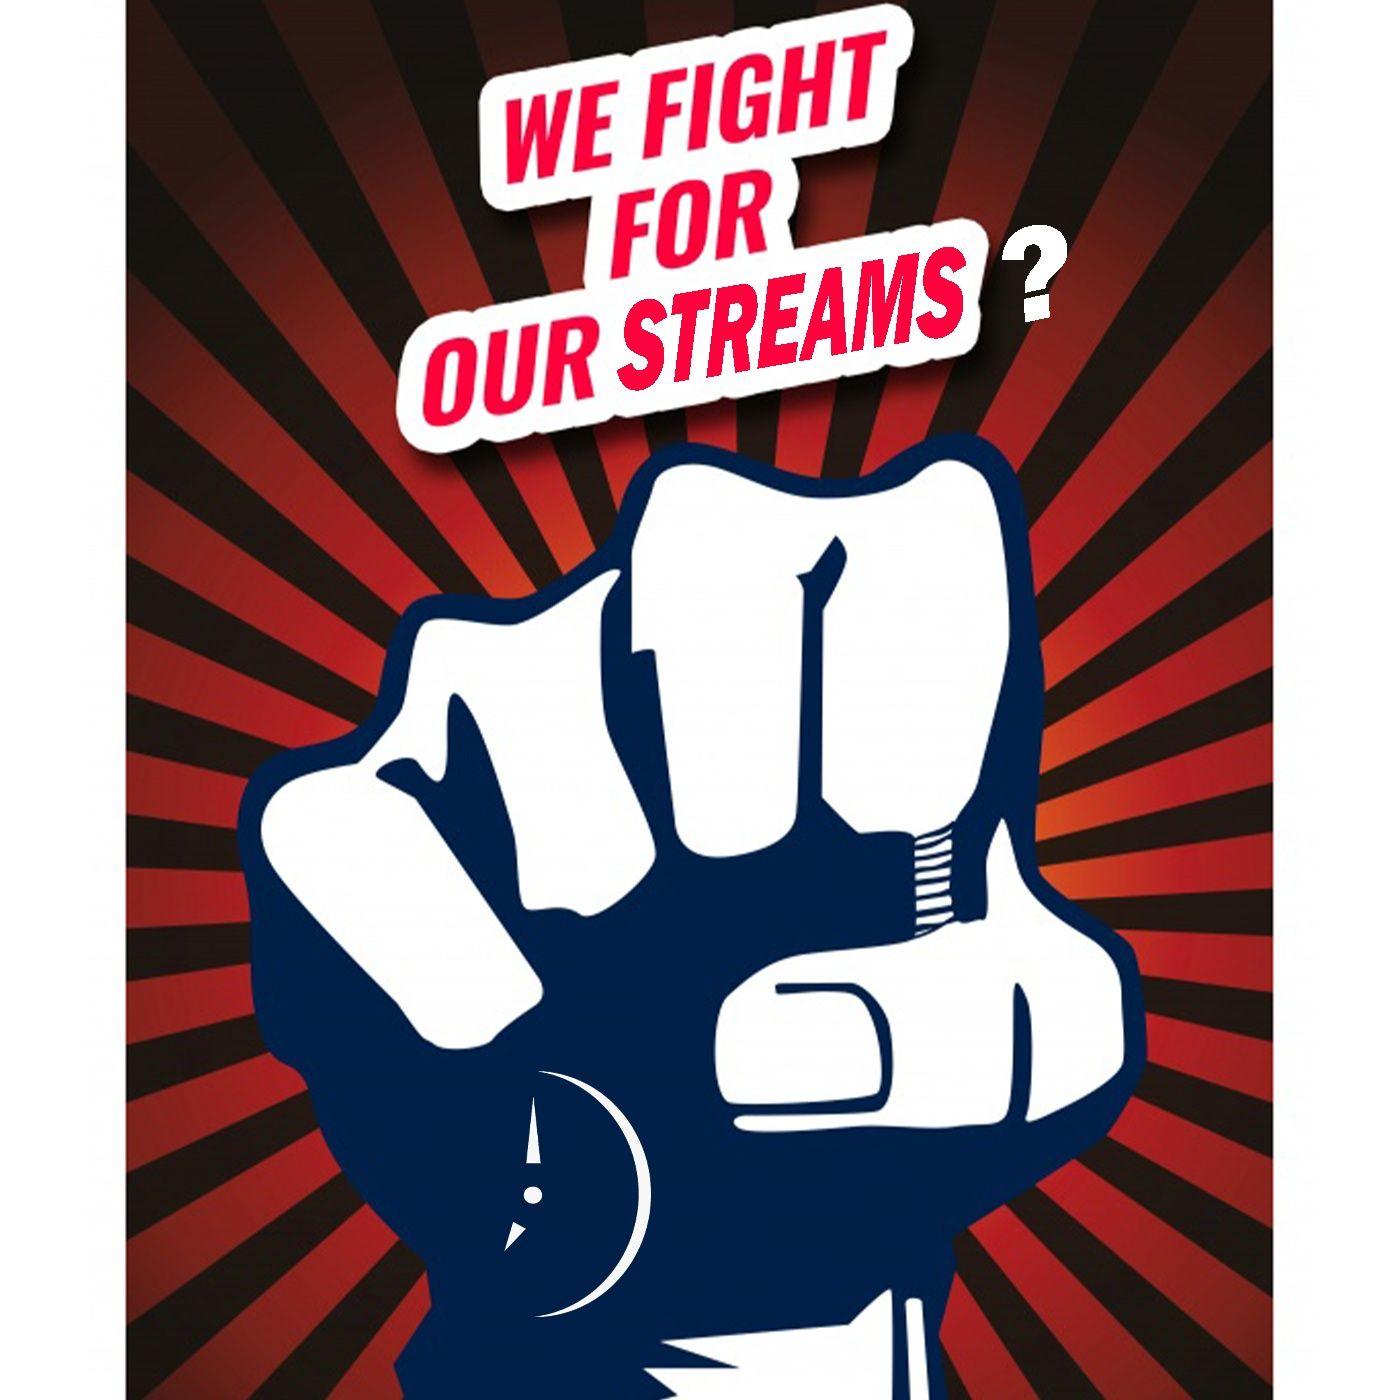 Il Sindacato degli Streamer: un problema di prospettiva